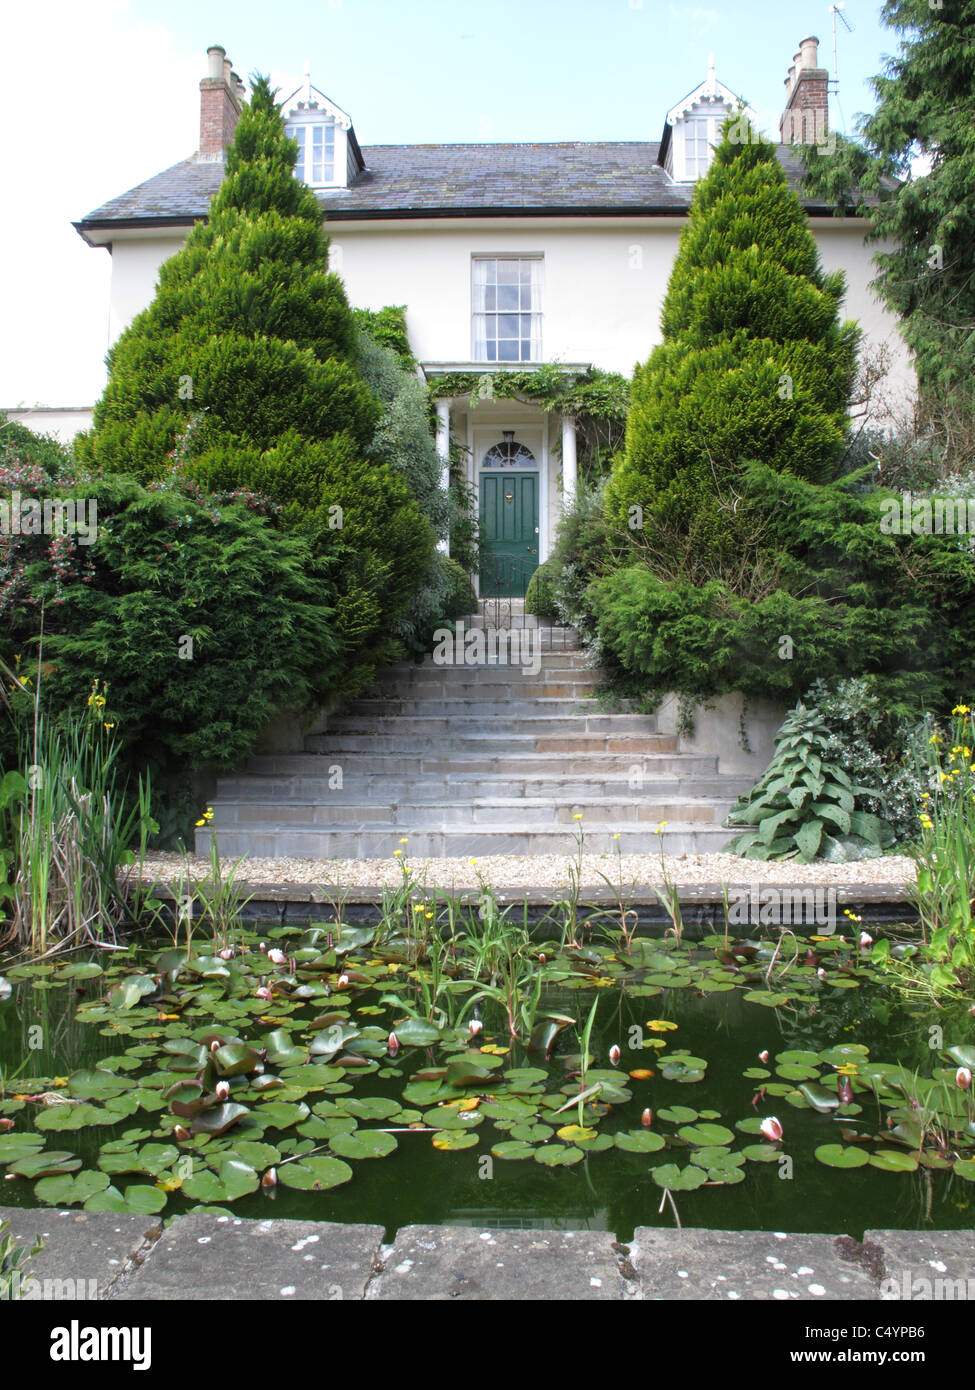 Giardino maturo con gradini in pietra che conduce ad una casa georgiana, uno stagno in primo piano Immagini Stock